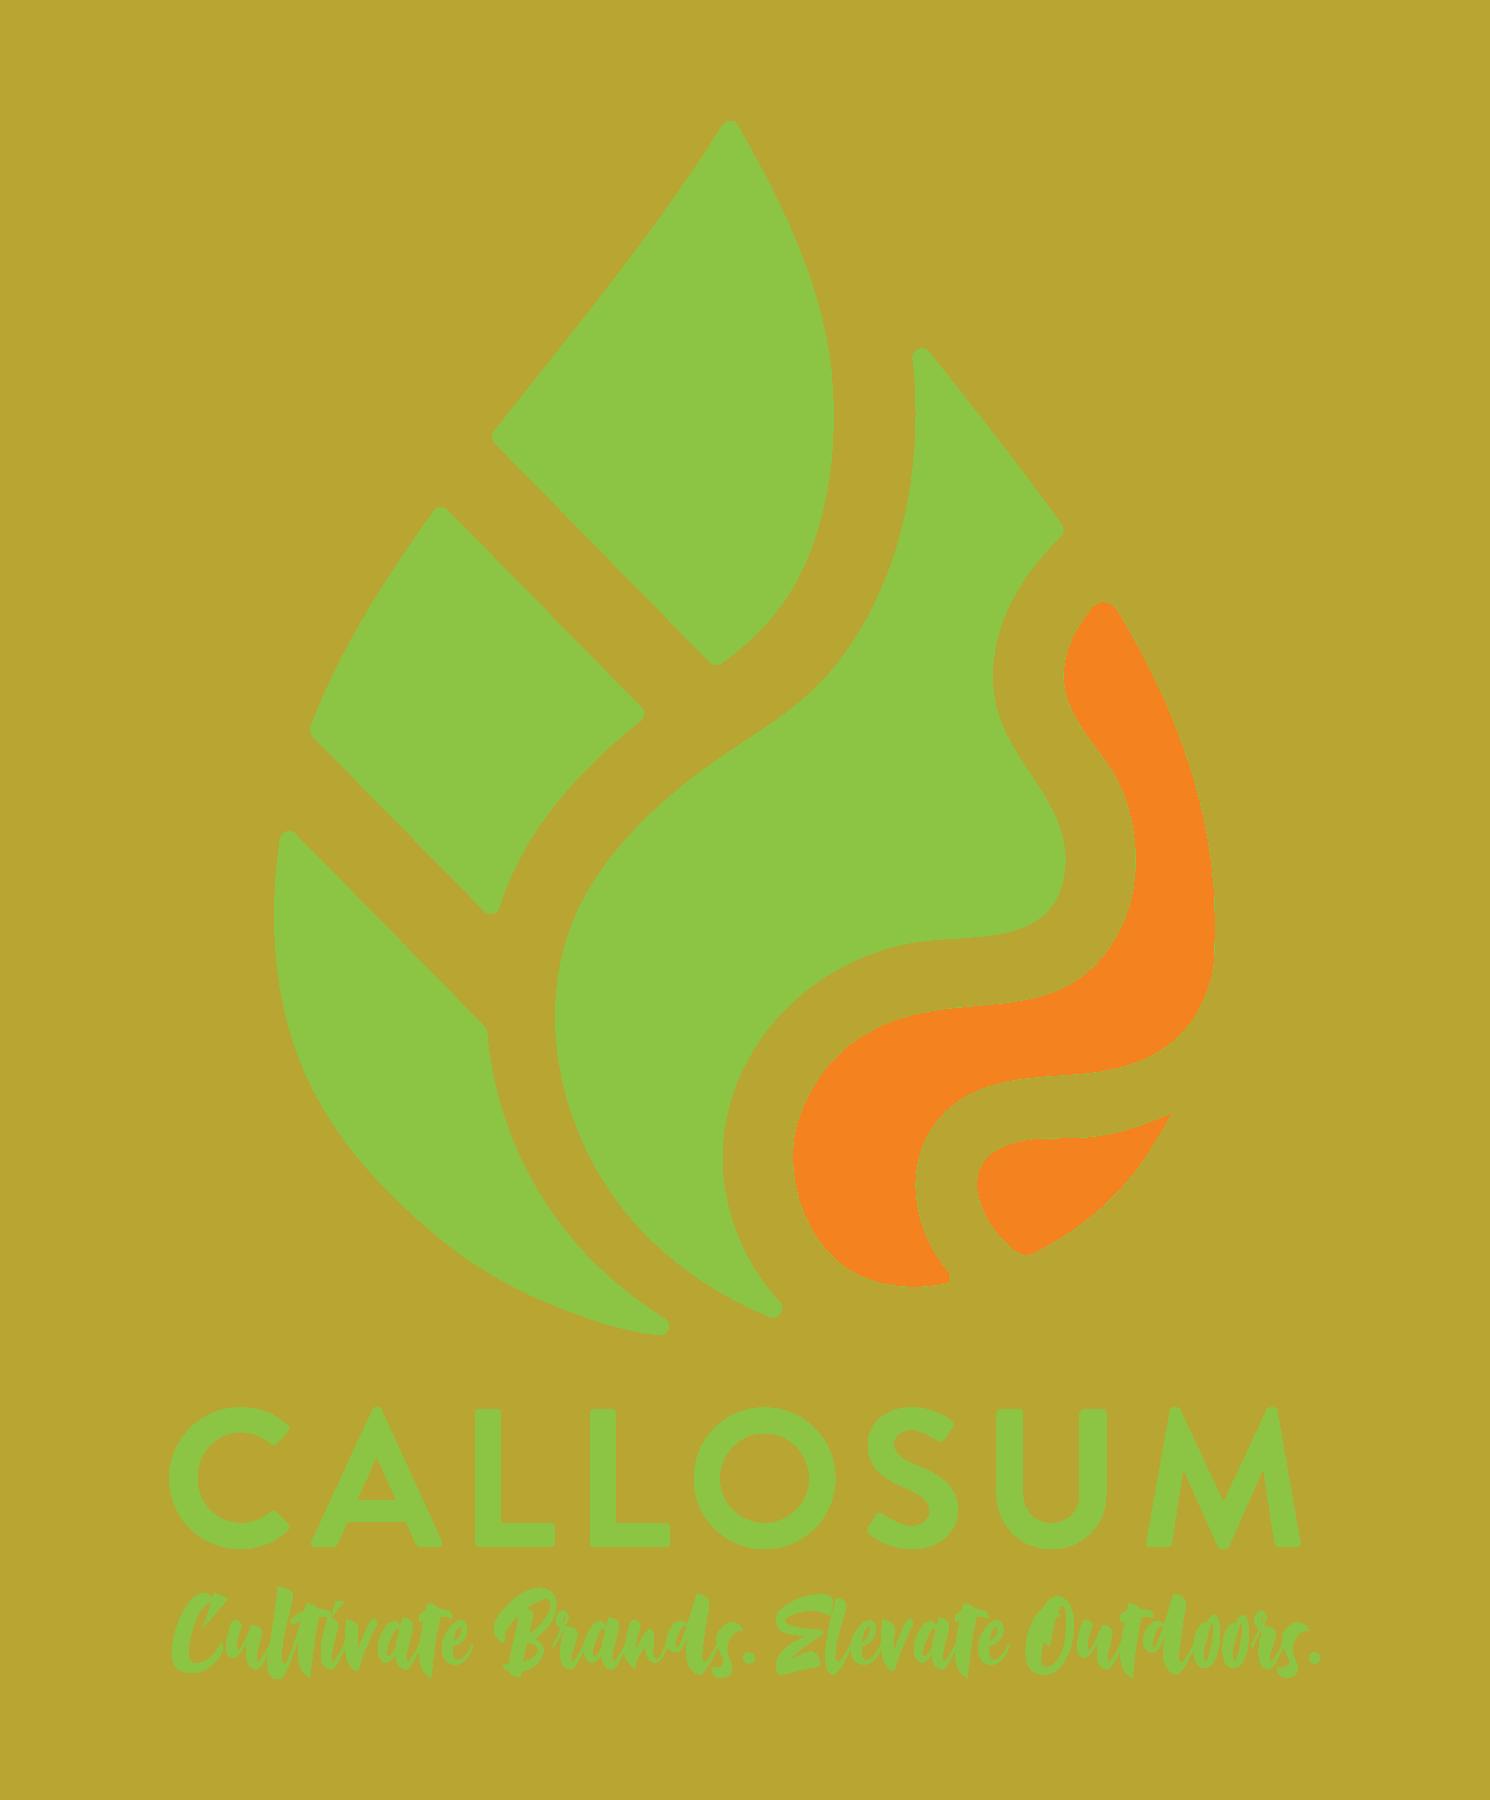 Callosum